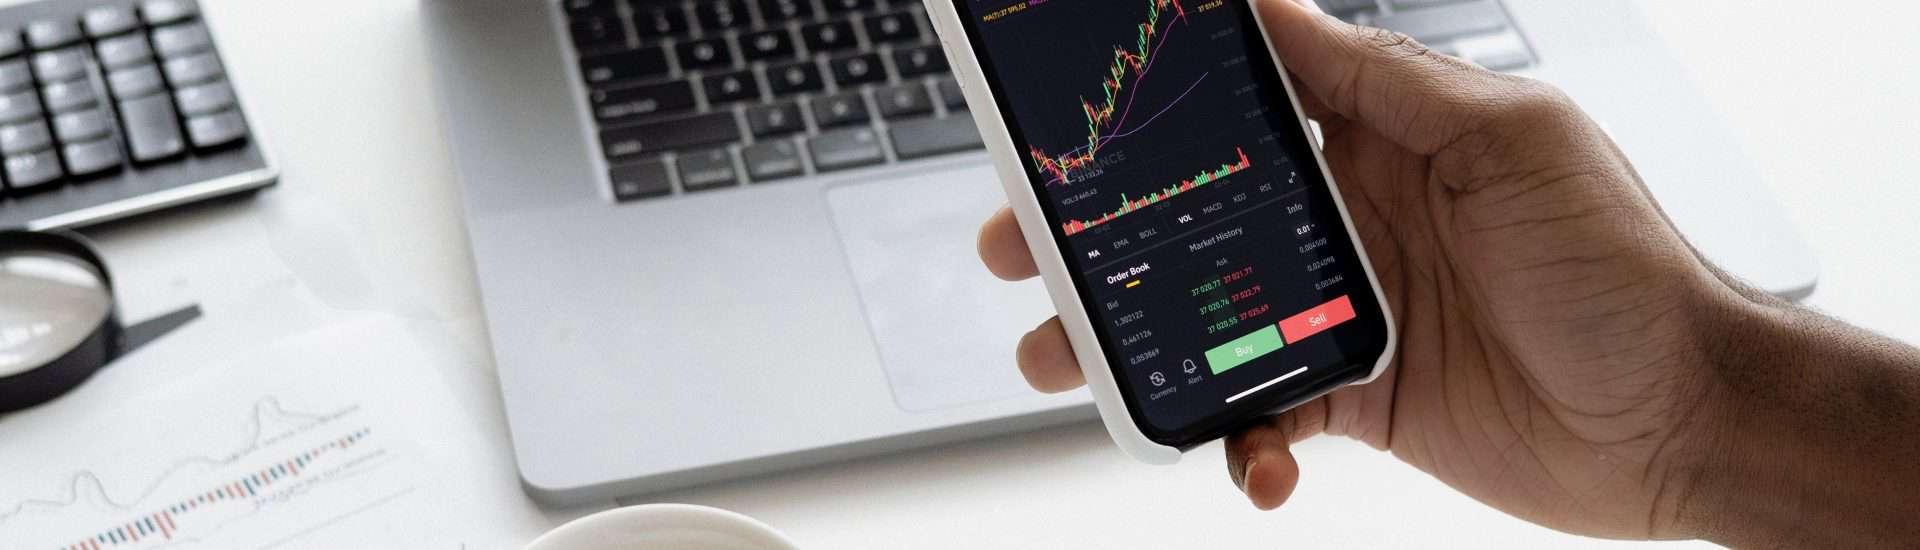 Raporty finansowe odchodzą do lamusa. Czas na social media!